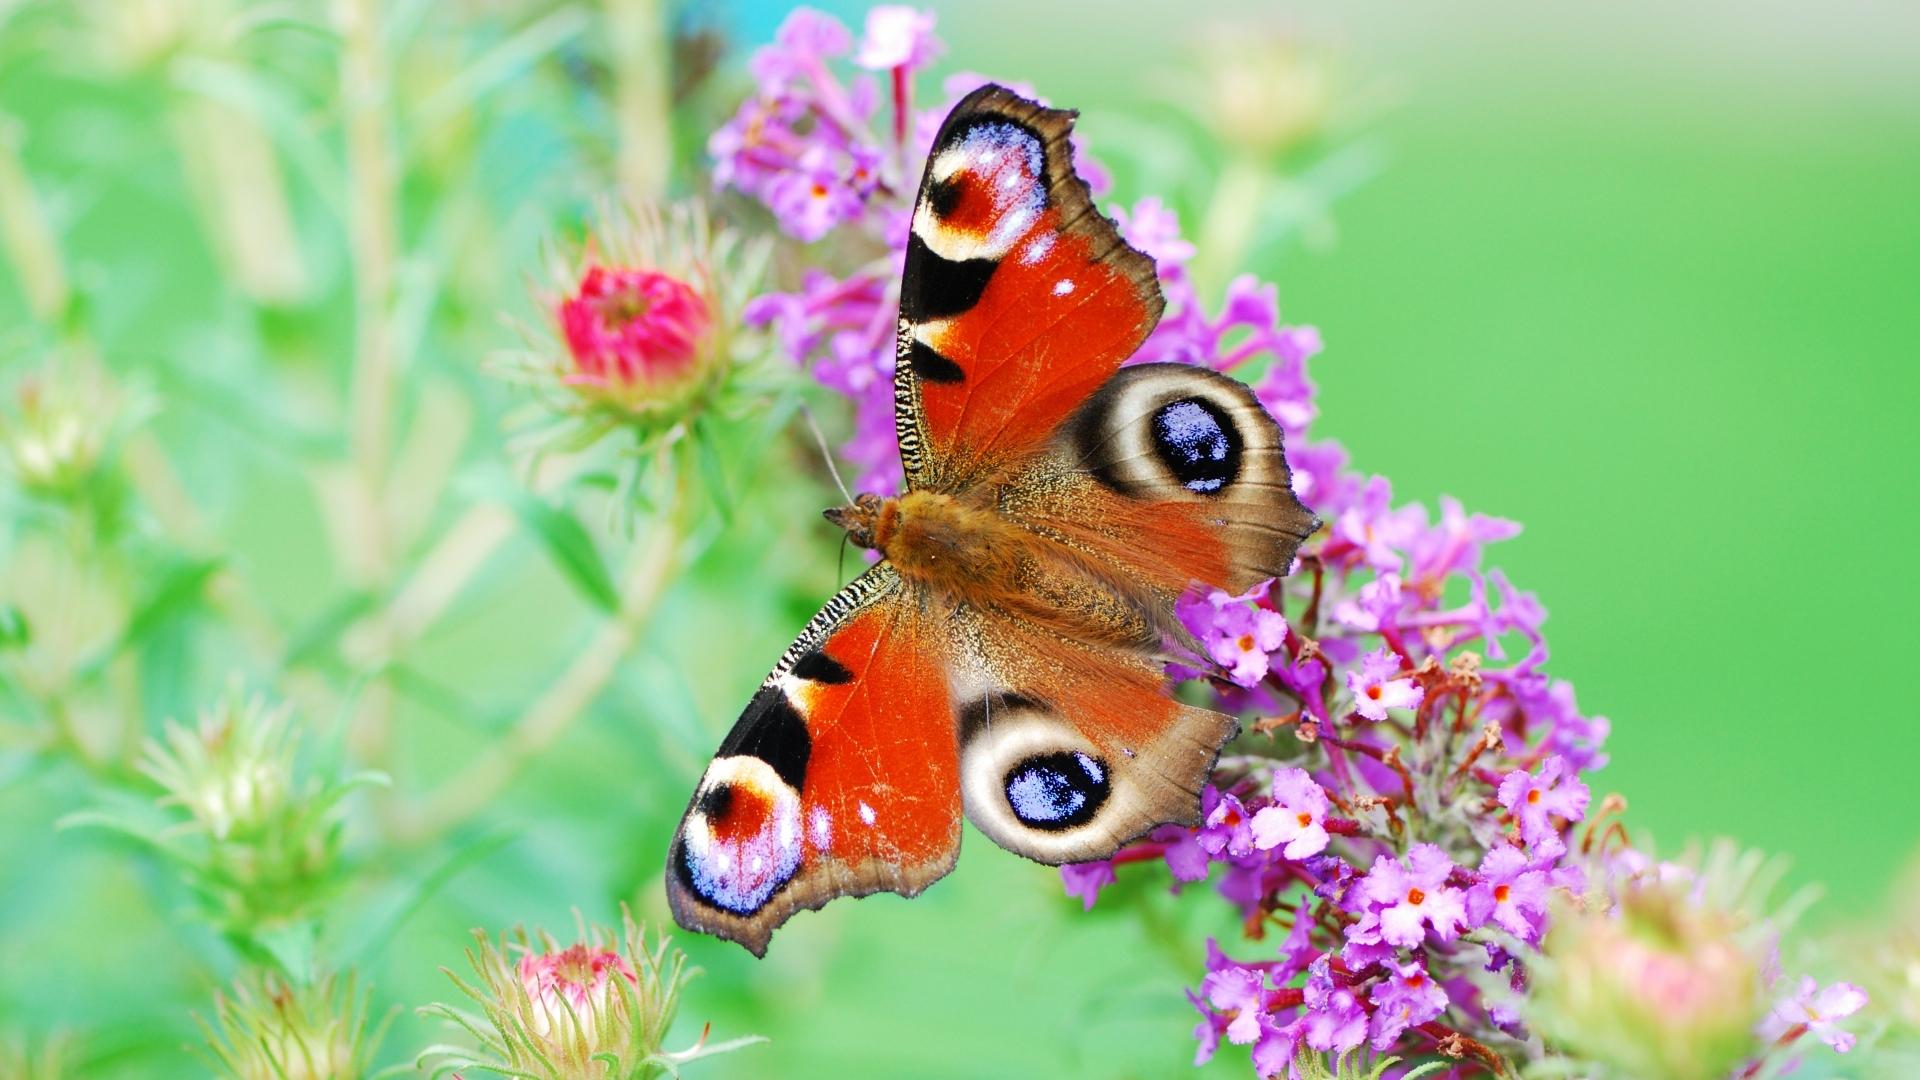 35190 Salvapantallas y fondos de pantalla Mariposas en tu teléfono. Descarga imágenes de Mariposas, Insectos gratis